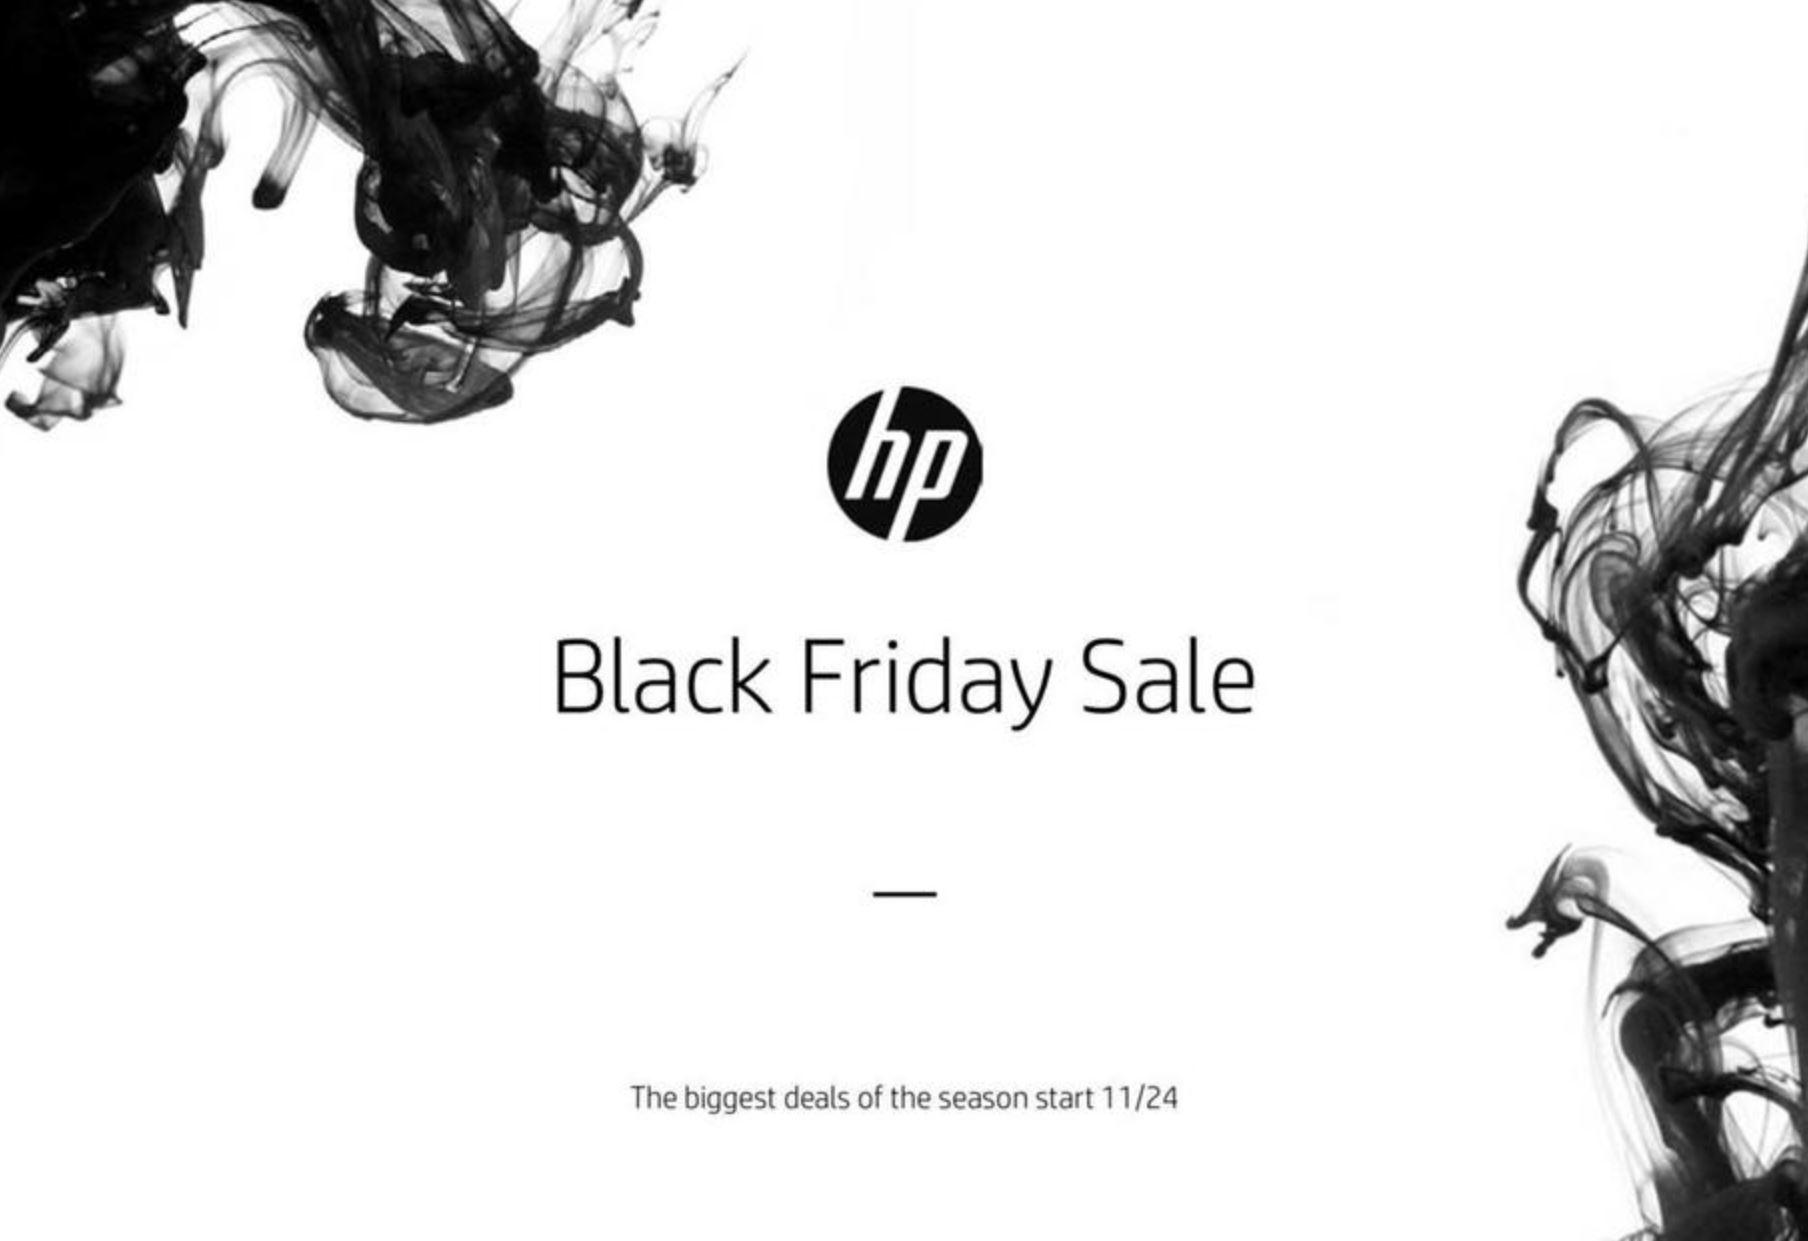 hp-black-friday-deals